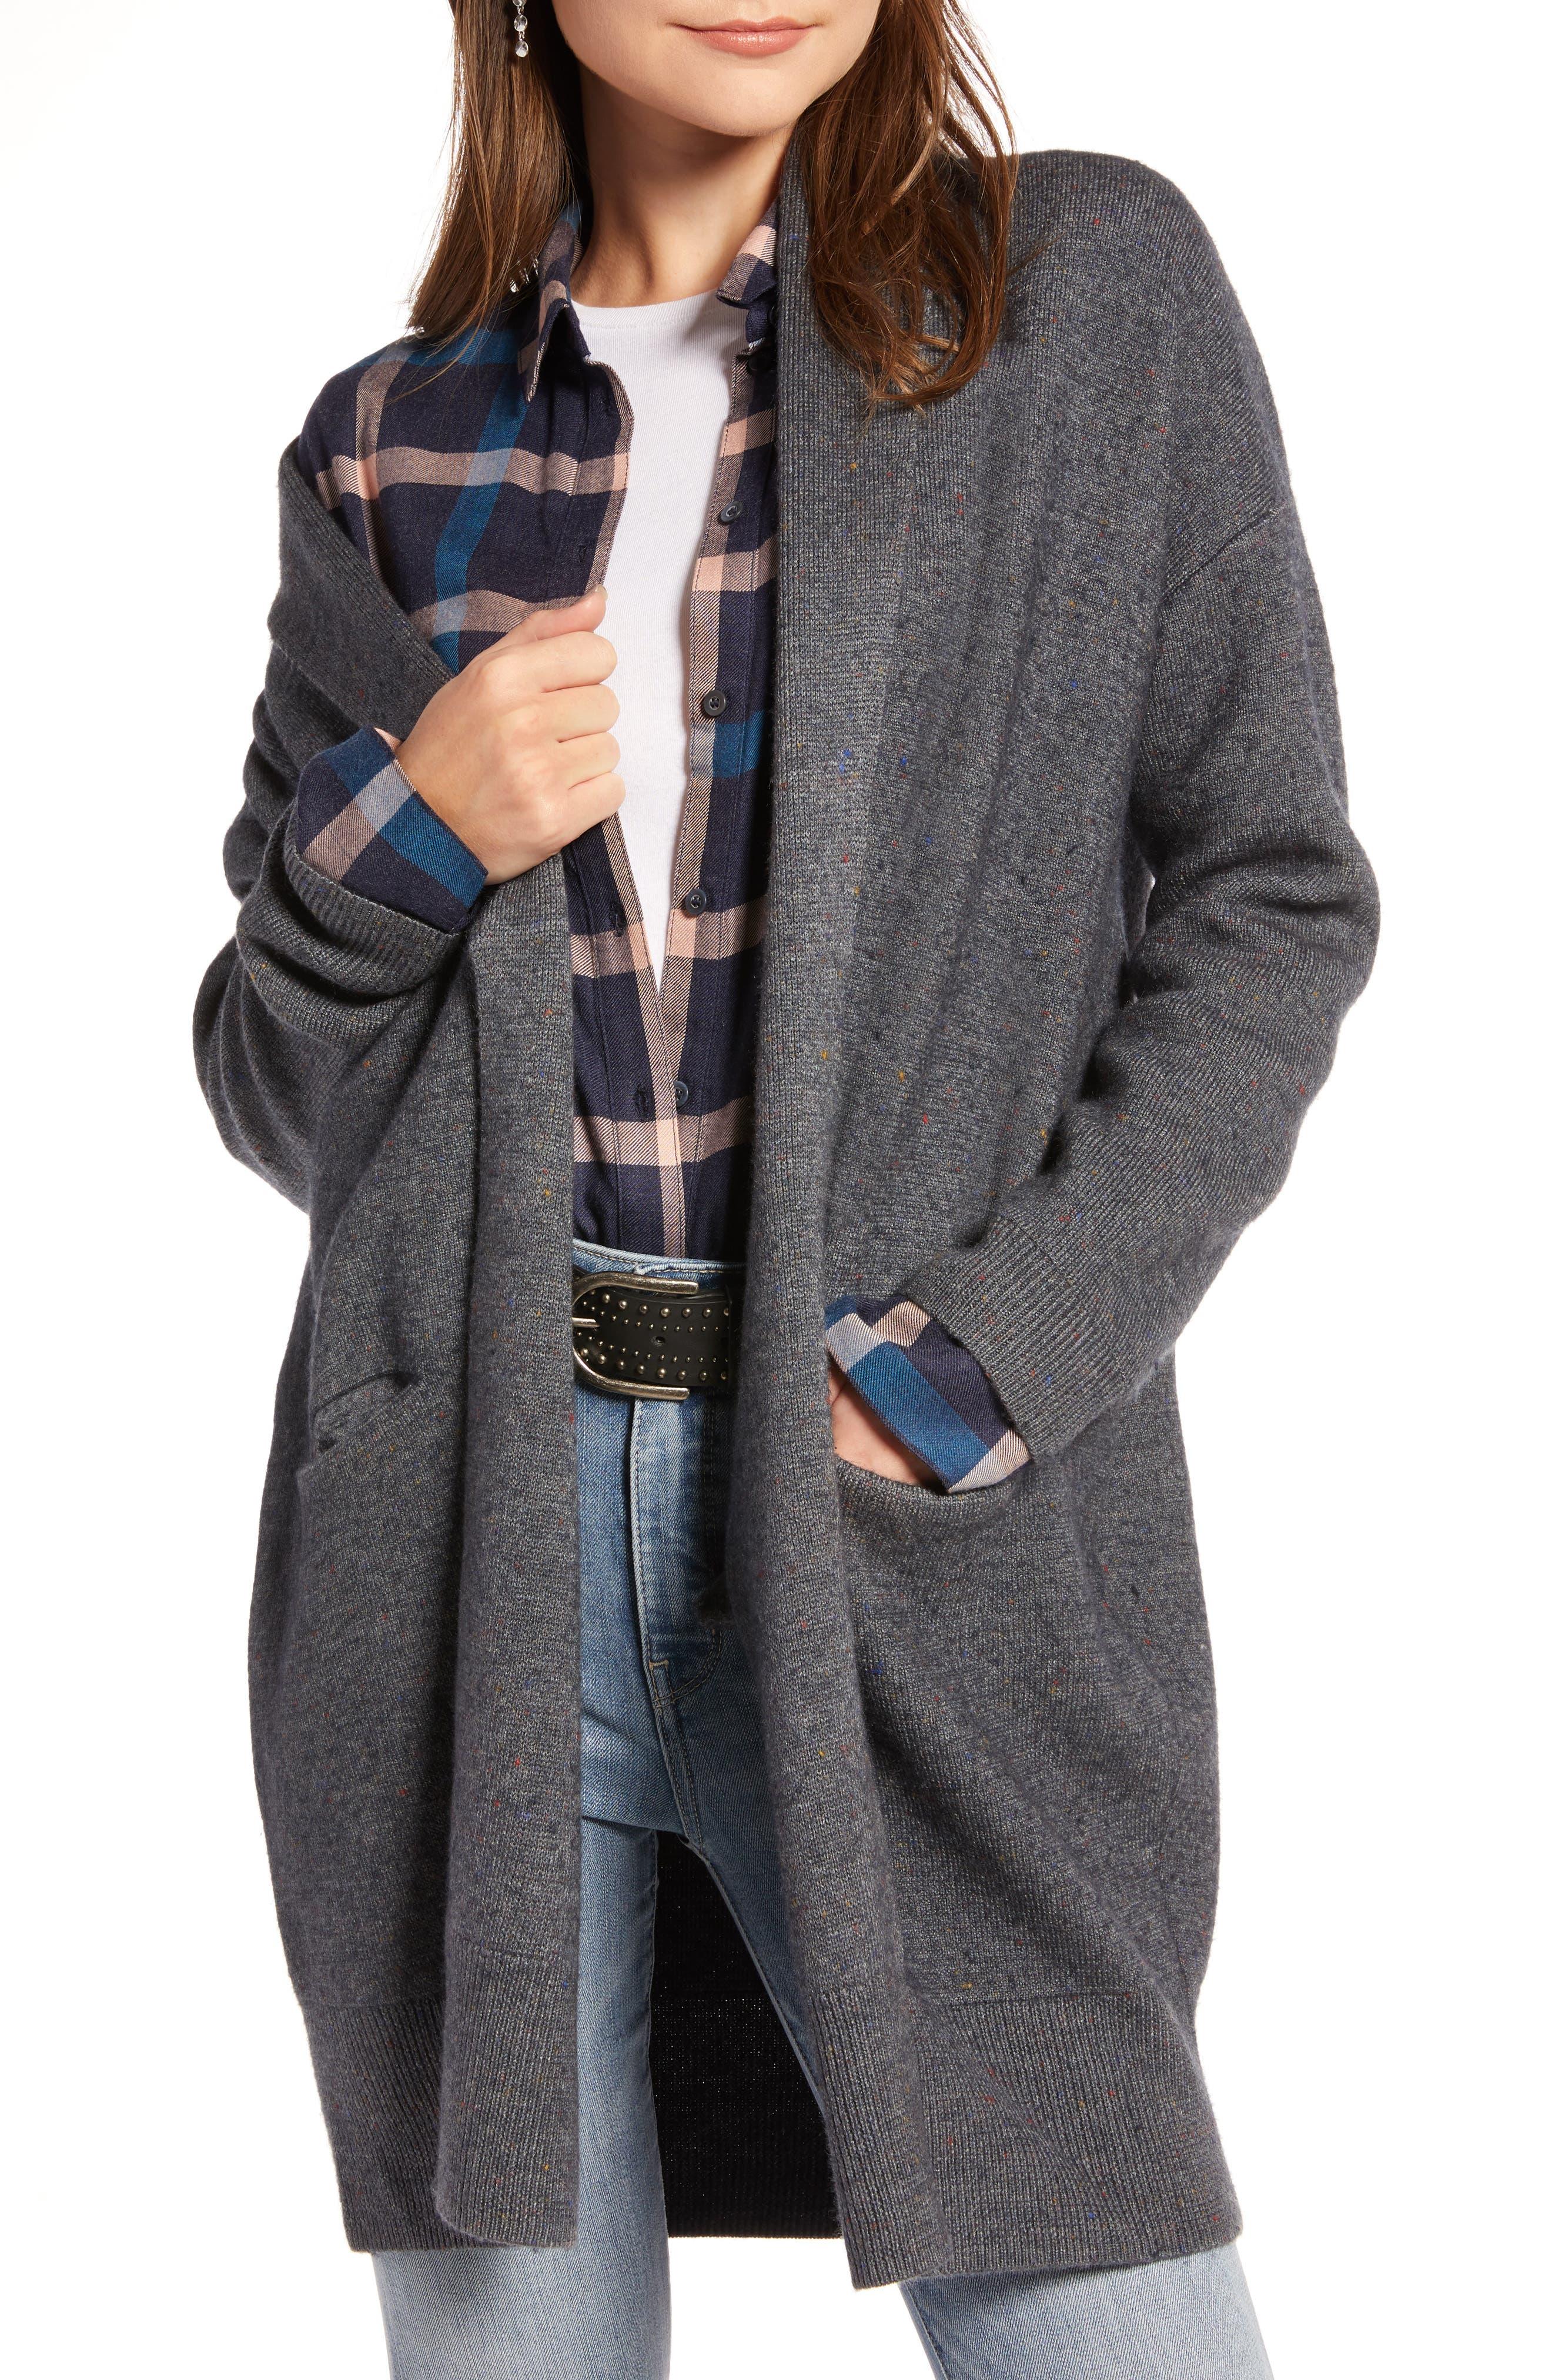 TREASURE & BOND Boiled Wool Blend Long Cardigan, Main, color, 030